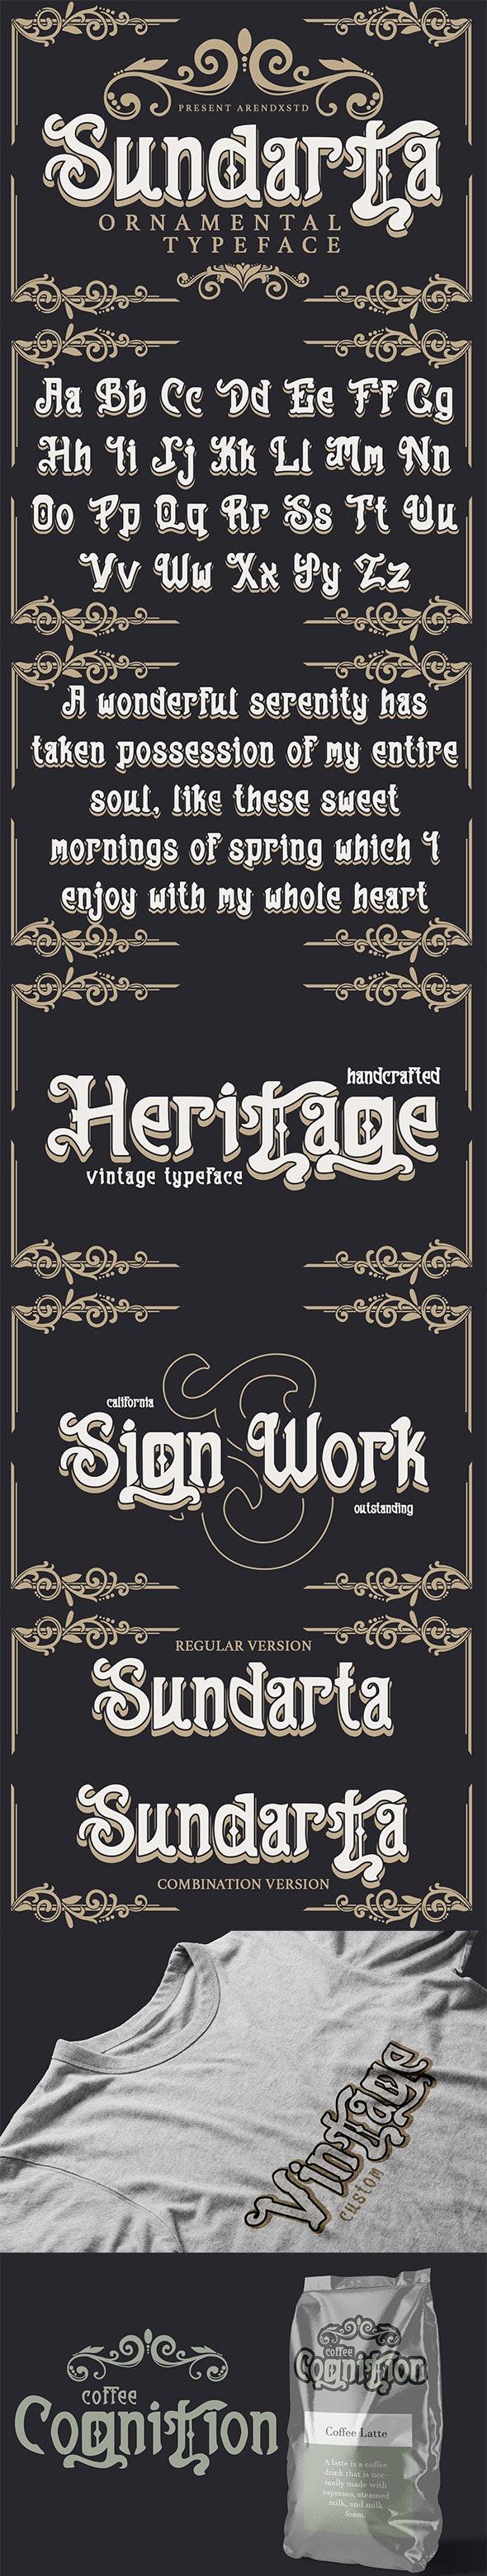 Sundarta | Vintage Typeface - Fancy Fonts